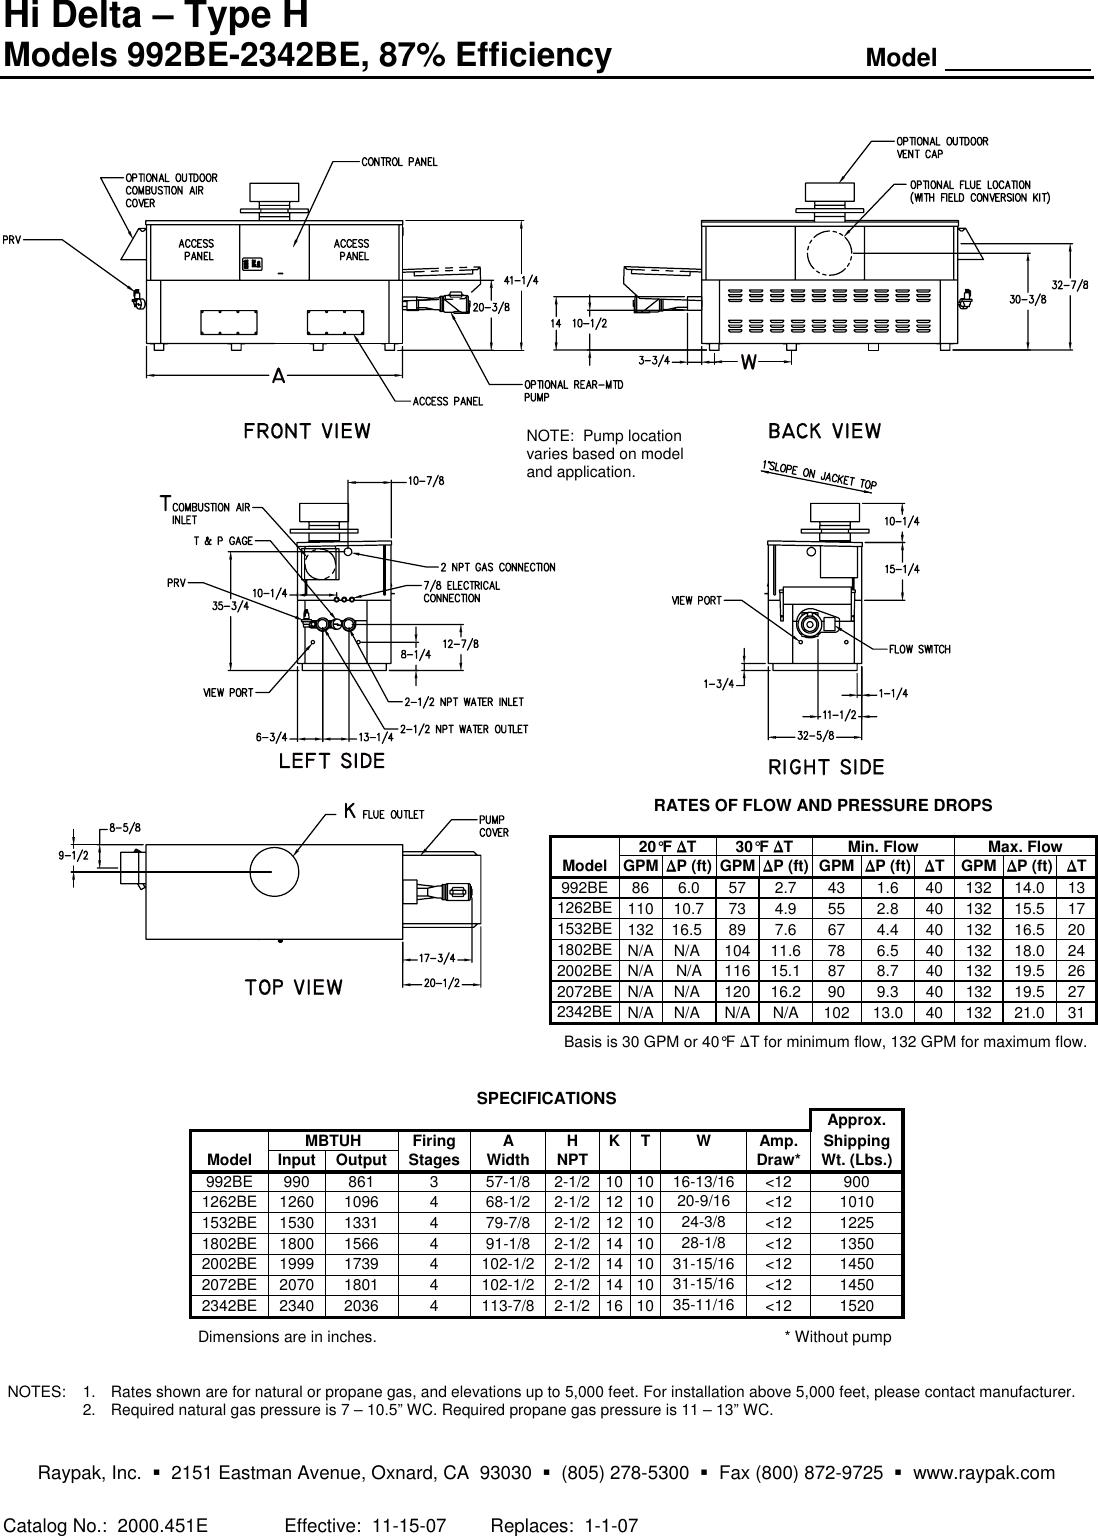 raypak boiler wiring diagram vc 5976  raypak boiler wiring diagram 183 free diagram  raypak boiler wiring diagram 183 free